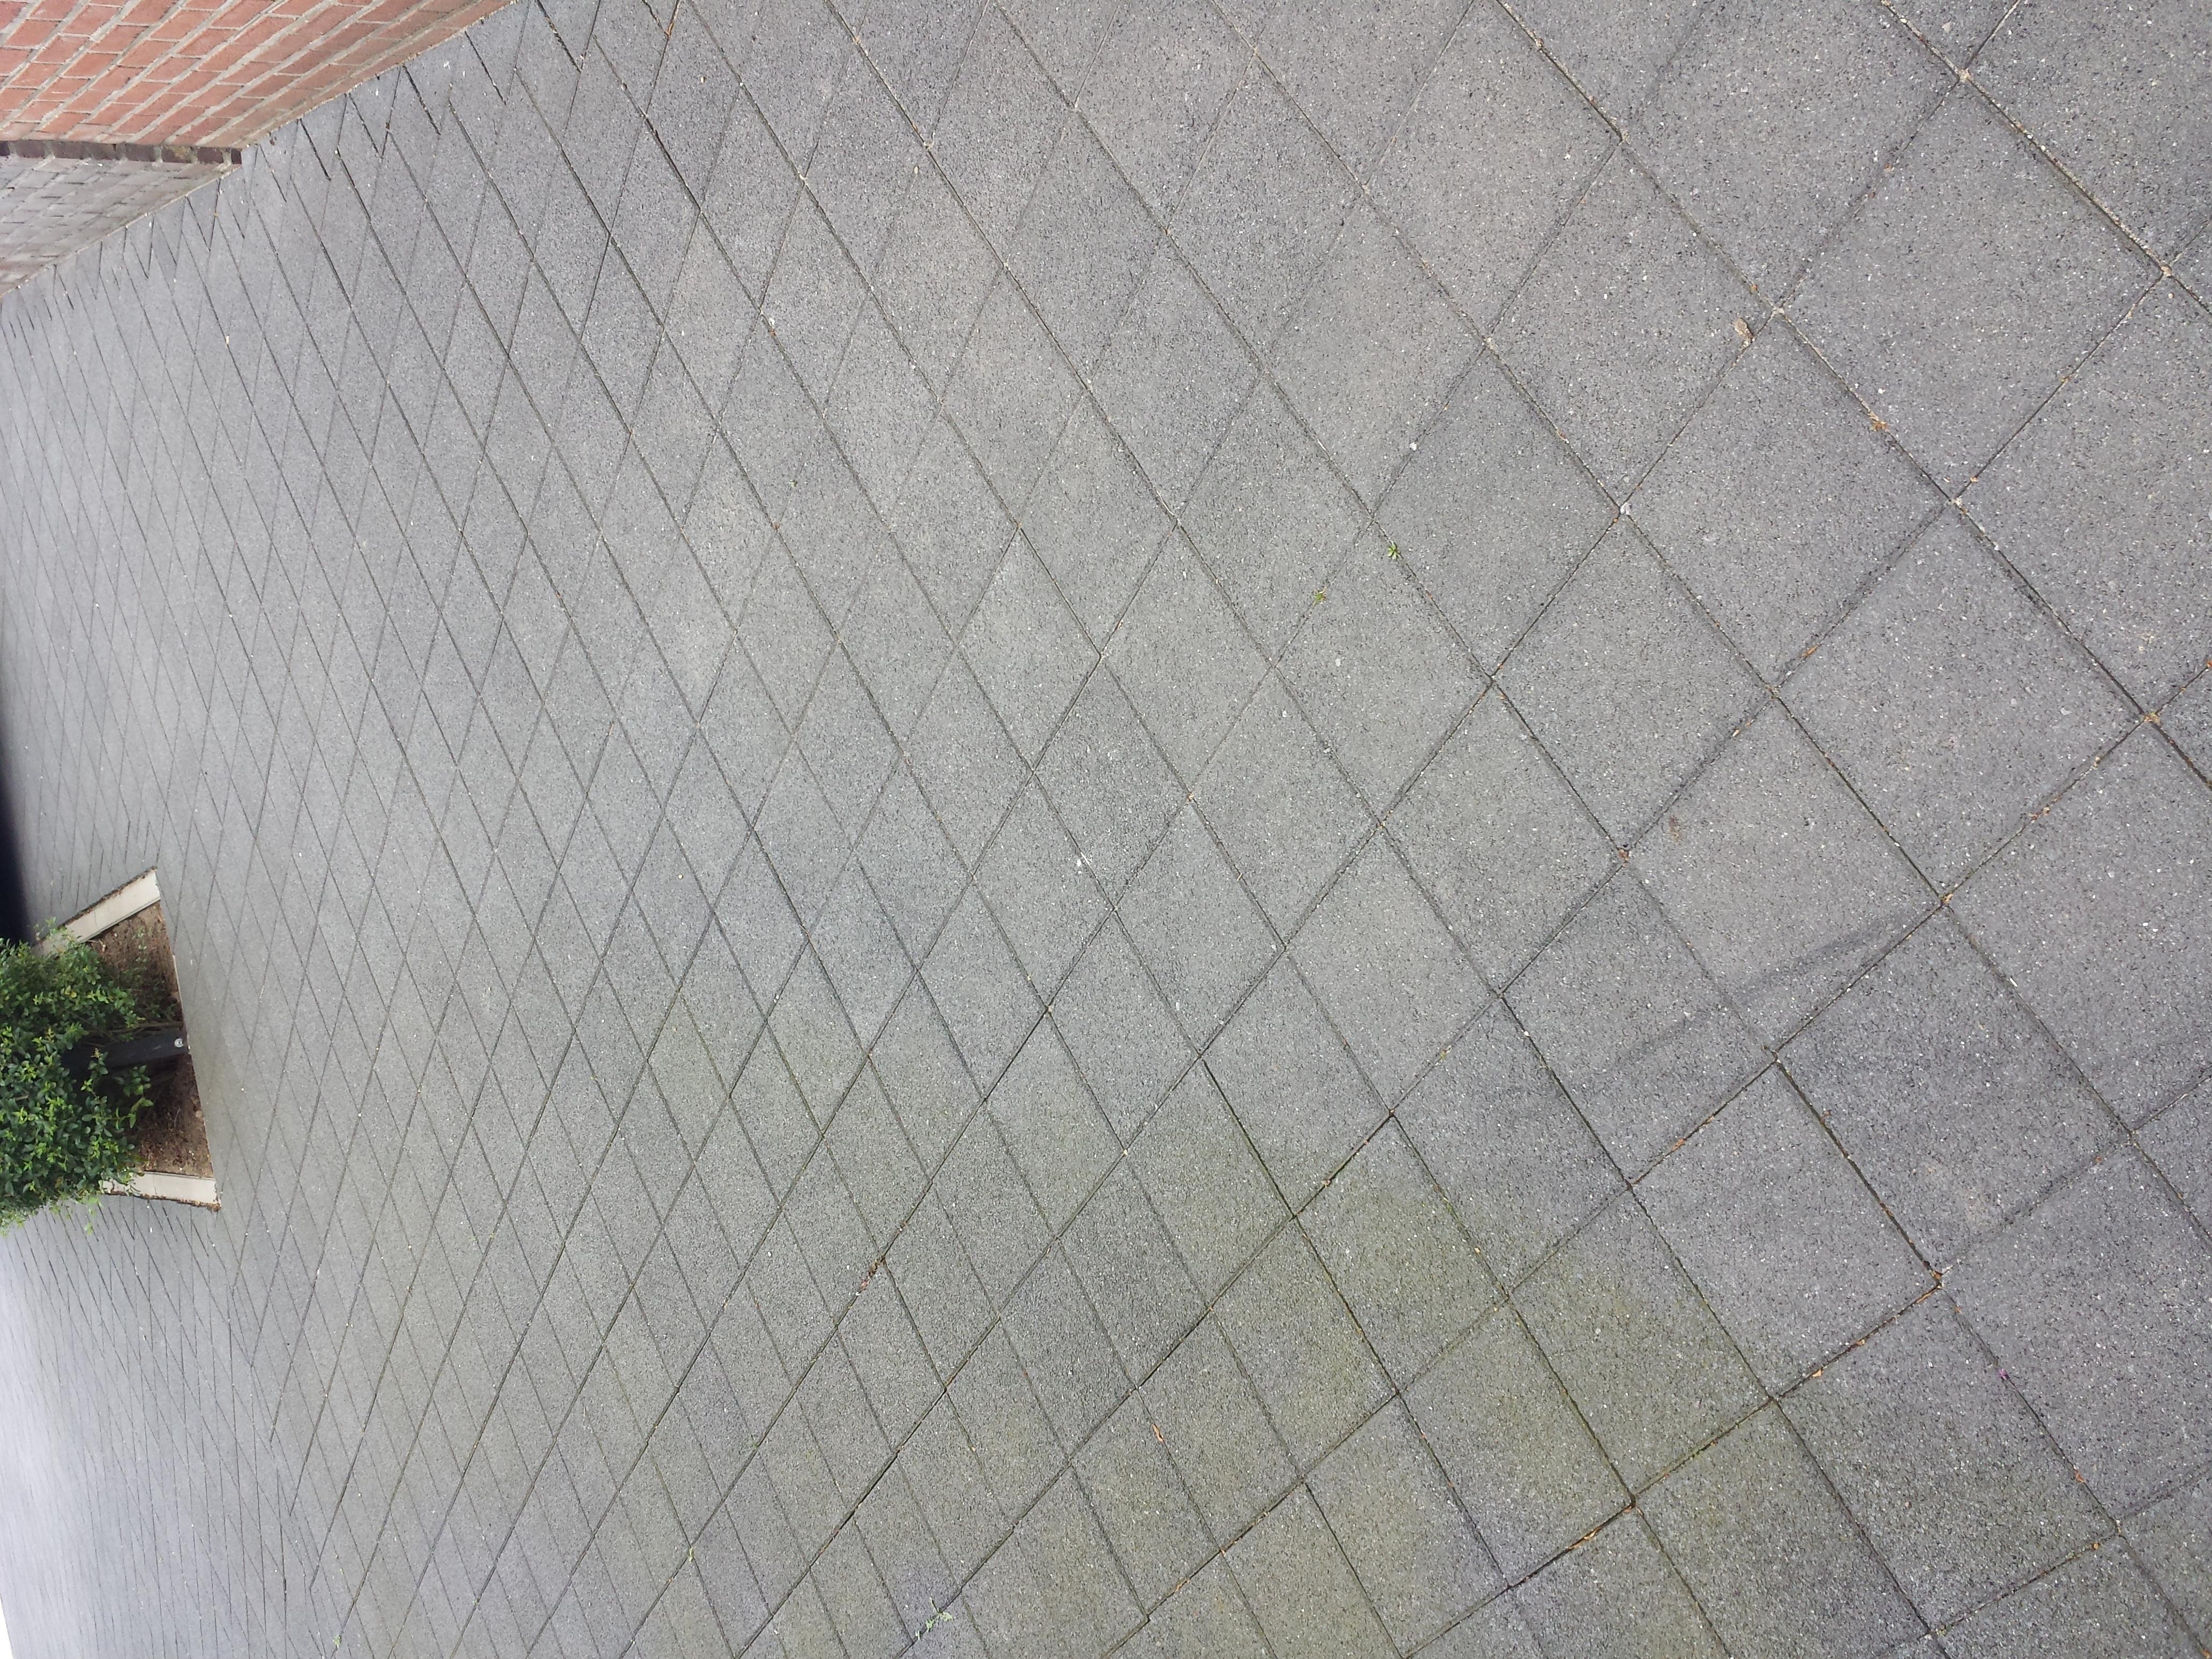 verwijderen groene aanslag op tegels